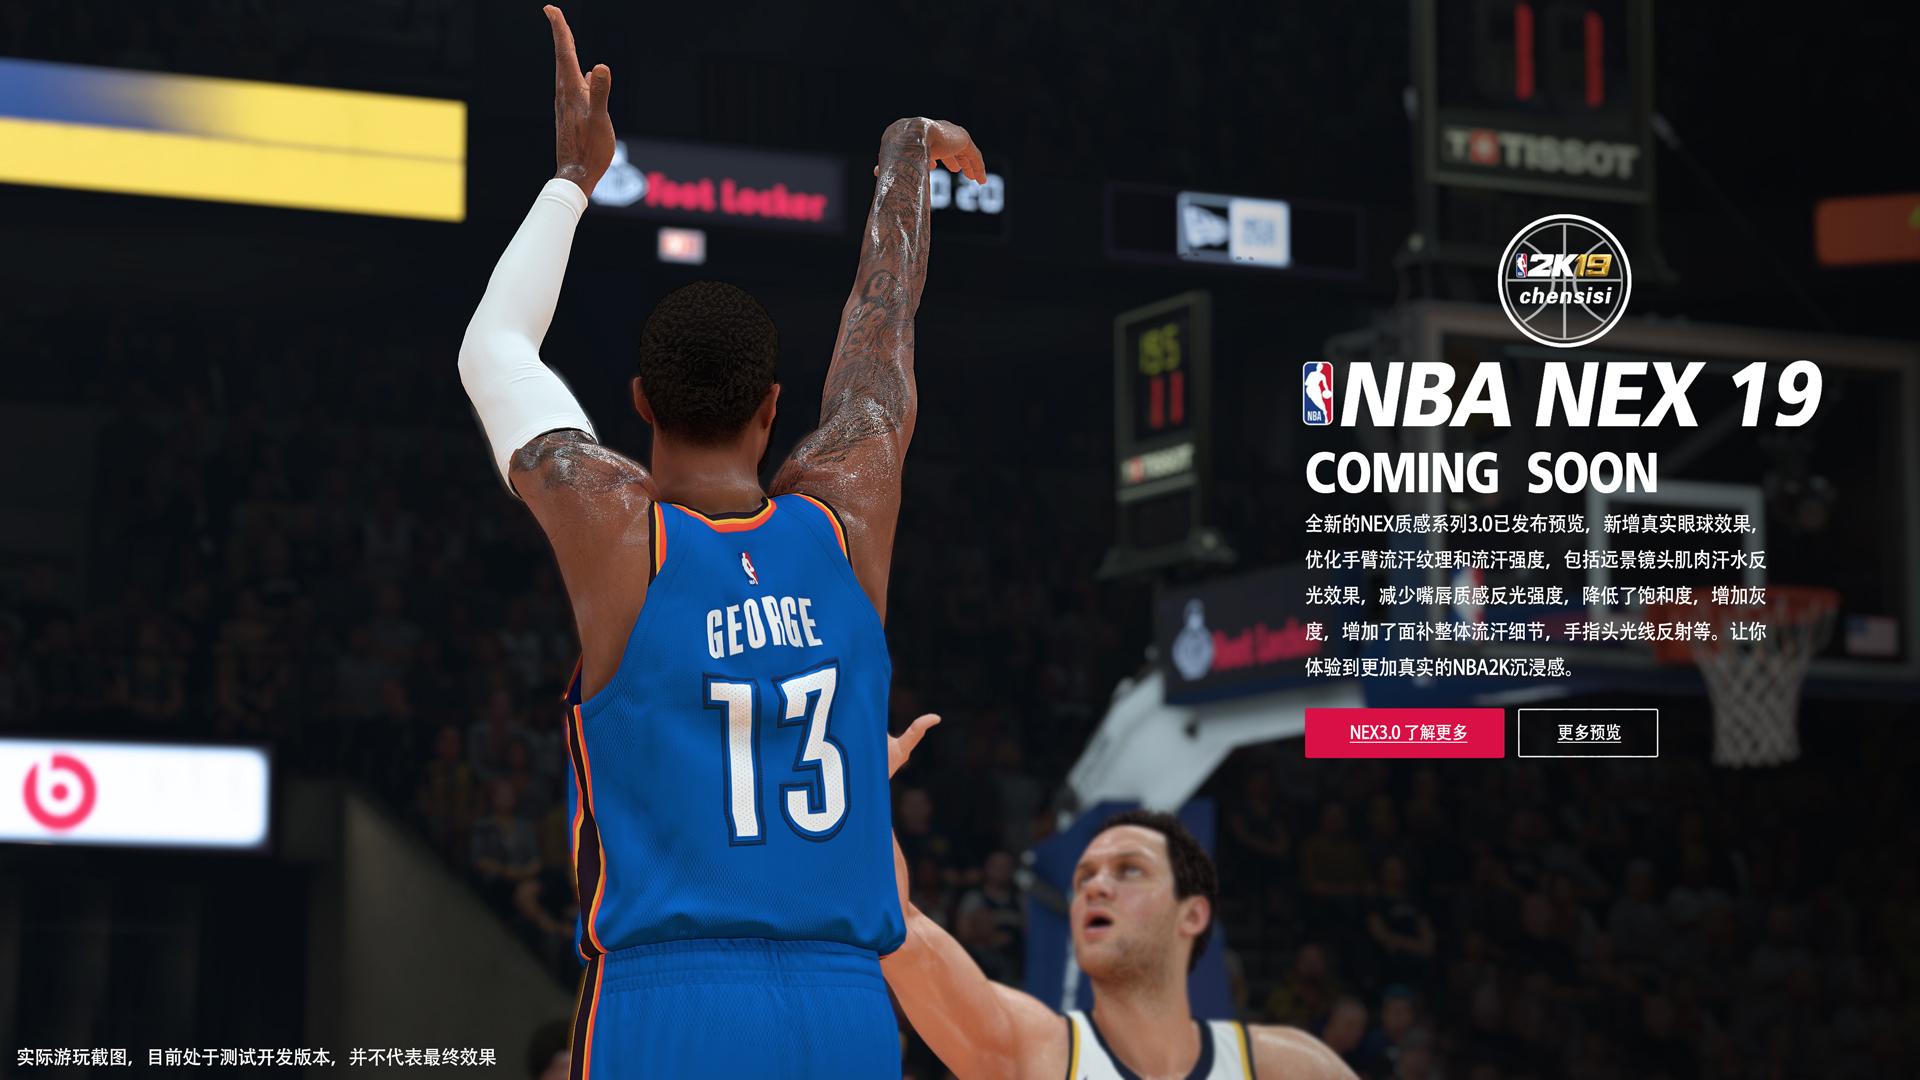 NBA2K19-2018-09-13-12-39-36.jpg